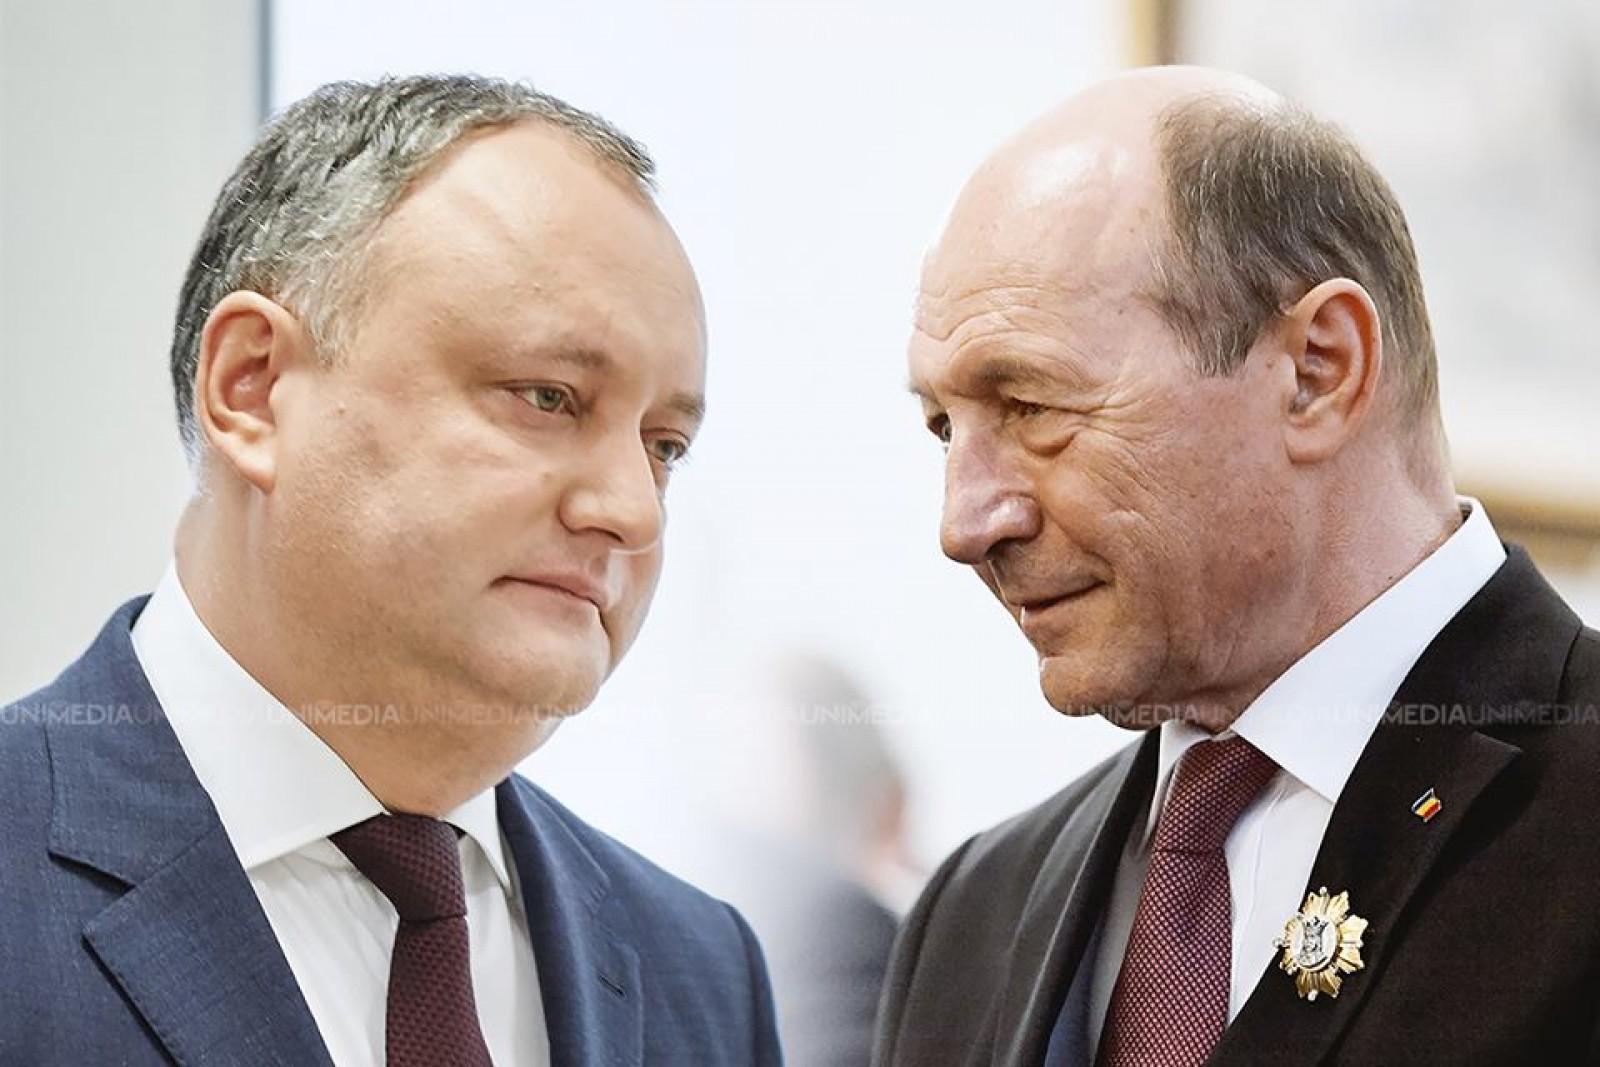 Comisiile create de Dodon au venit cu o solicitare la Președinție: Traian Băsescu să fie declarat persona non-grata în Moldova